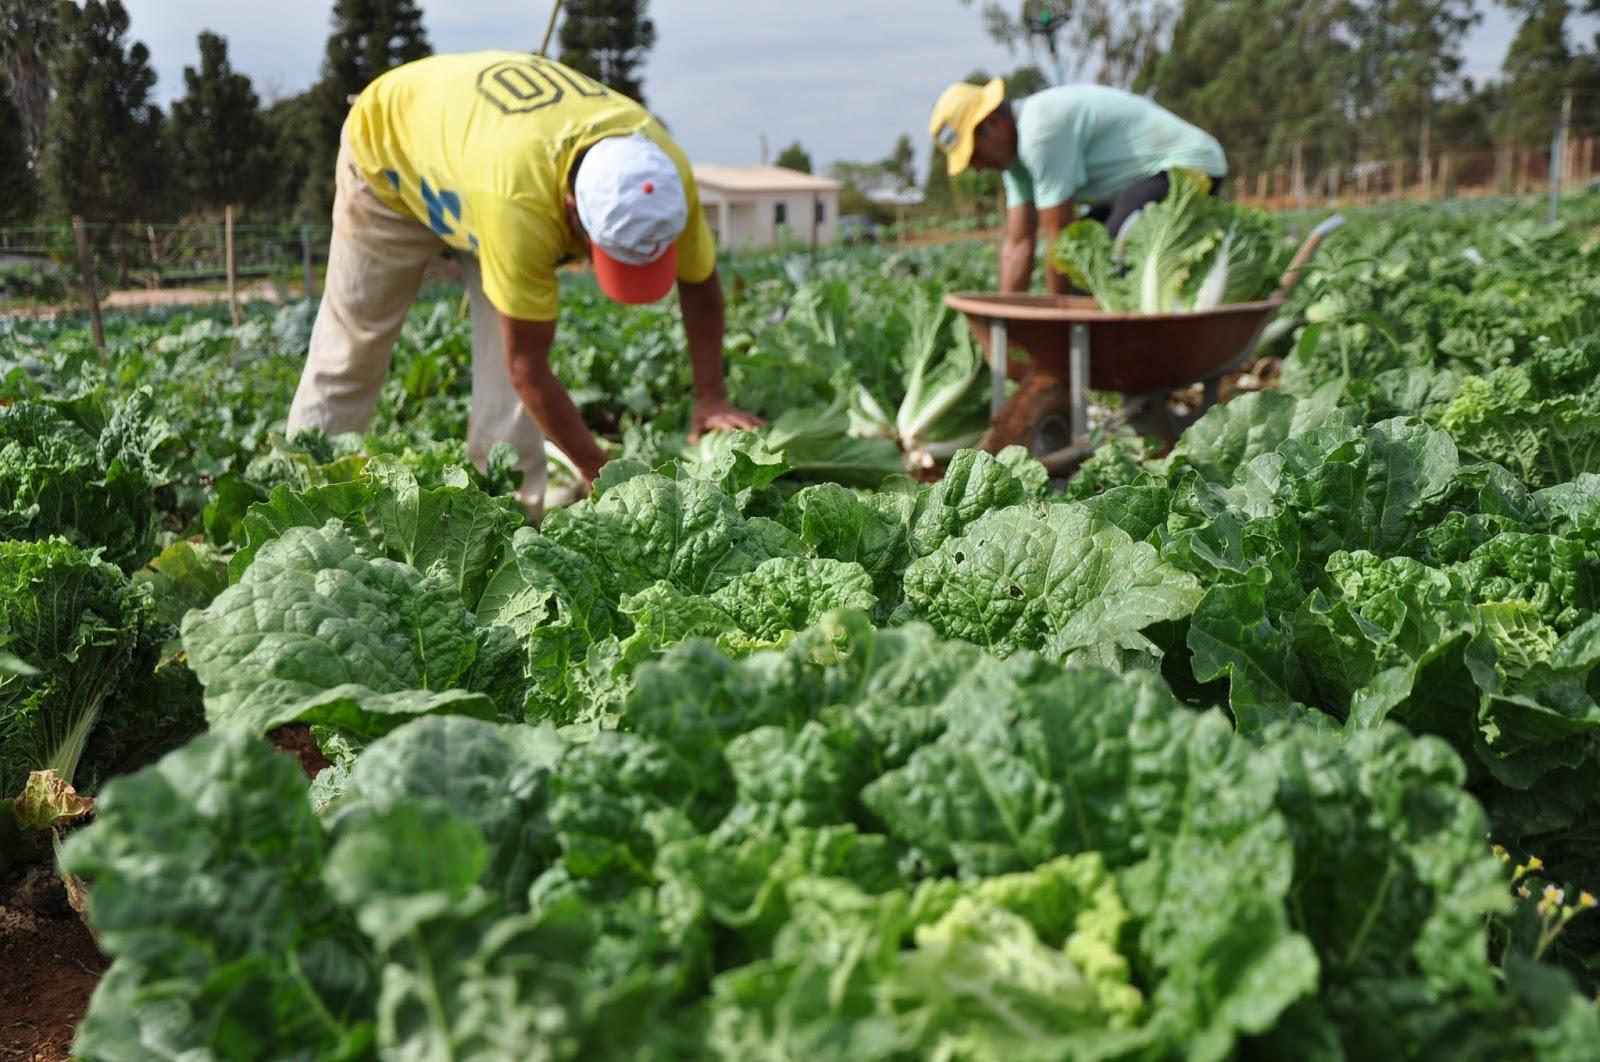 AGRICULTURA: SEAGRI IMPLANTA MAIS TRÊS HORTAS COMUNITÁRIAS NOS RESIDENCIAS TOCANTINS, JARDIM DO ÉDEN E TIRADENTES